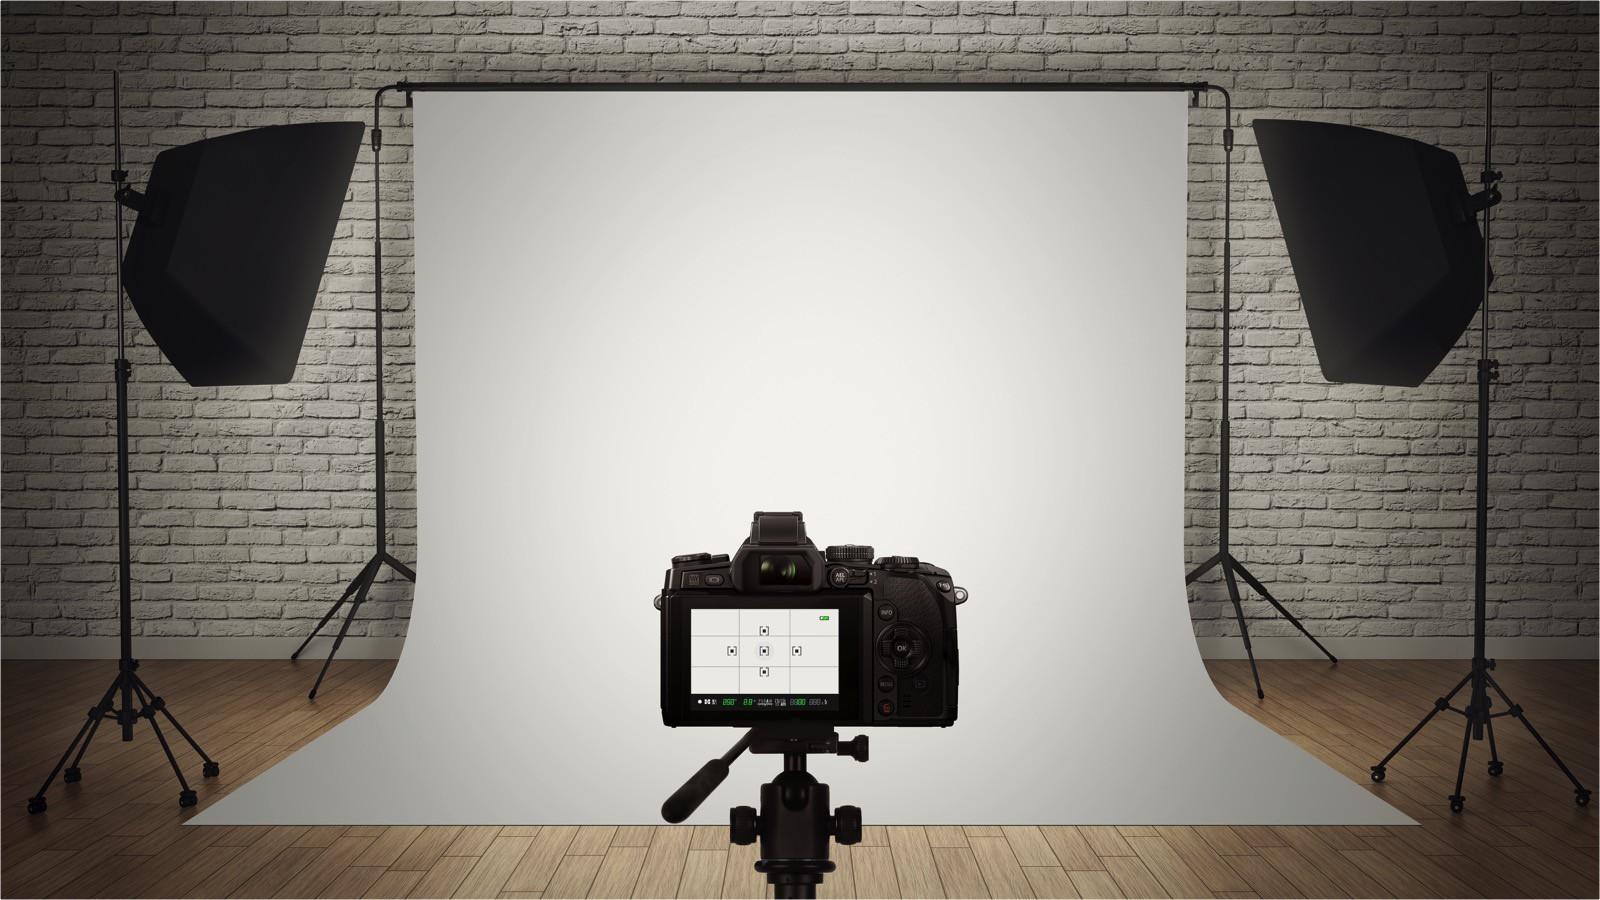 インスタグラマーのカメラスタジオ